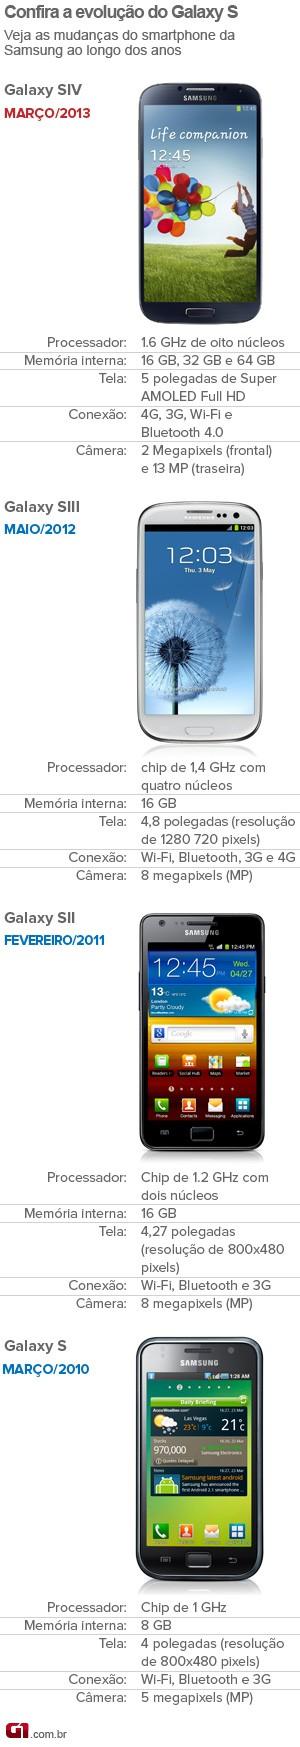 Confira a evolução do smartphone Galaxy S (Foto: Arte/G1)